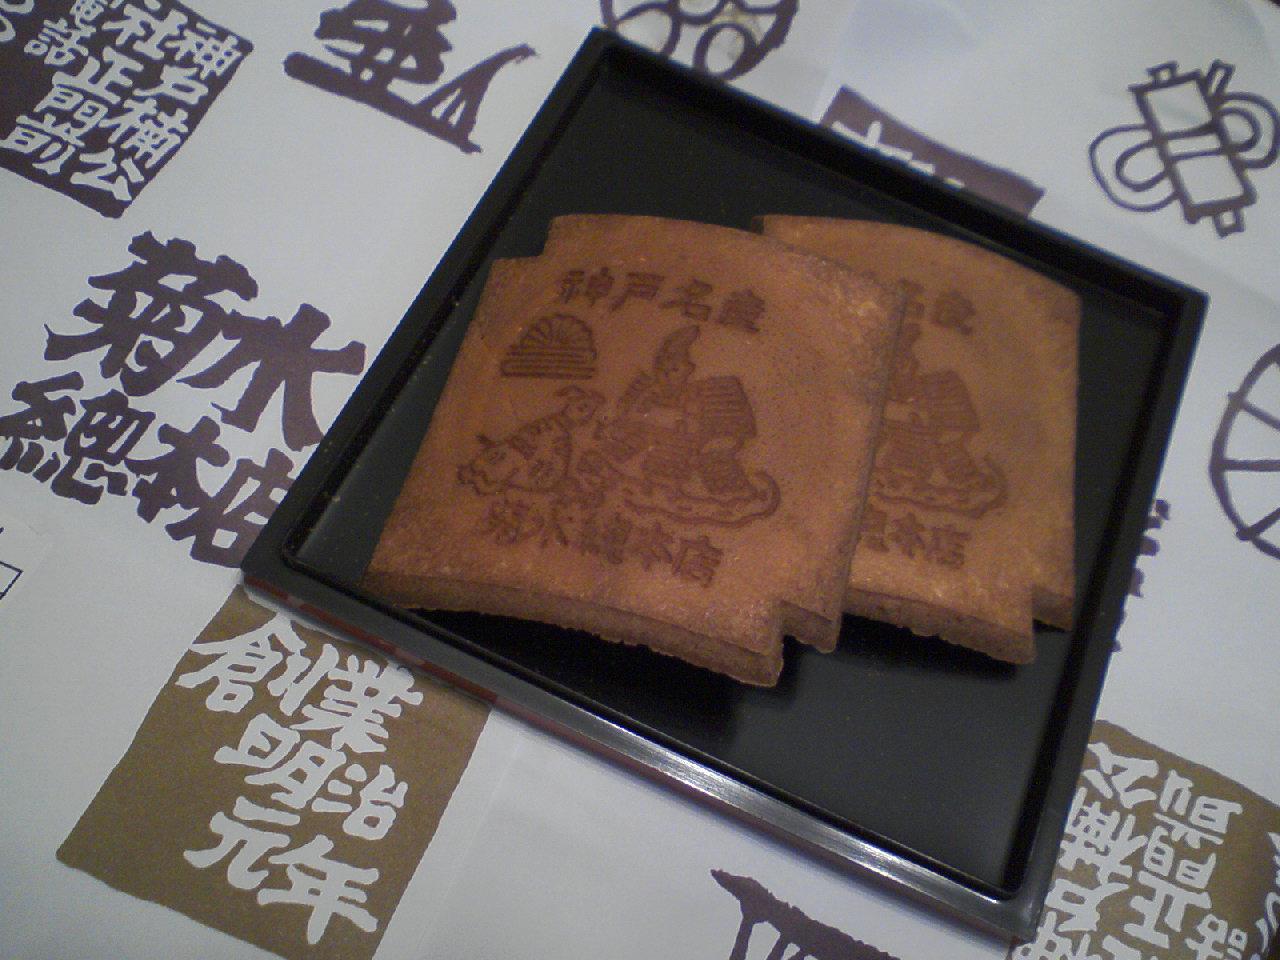 菊水總本店 神戸湊川神社正門前本店